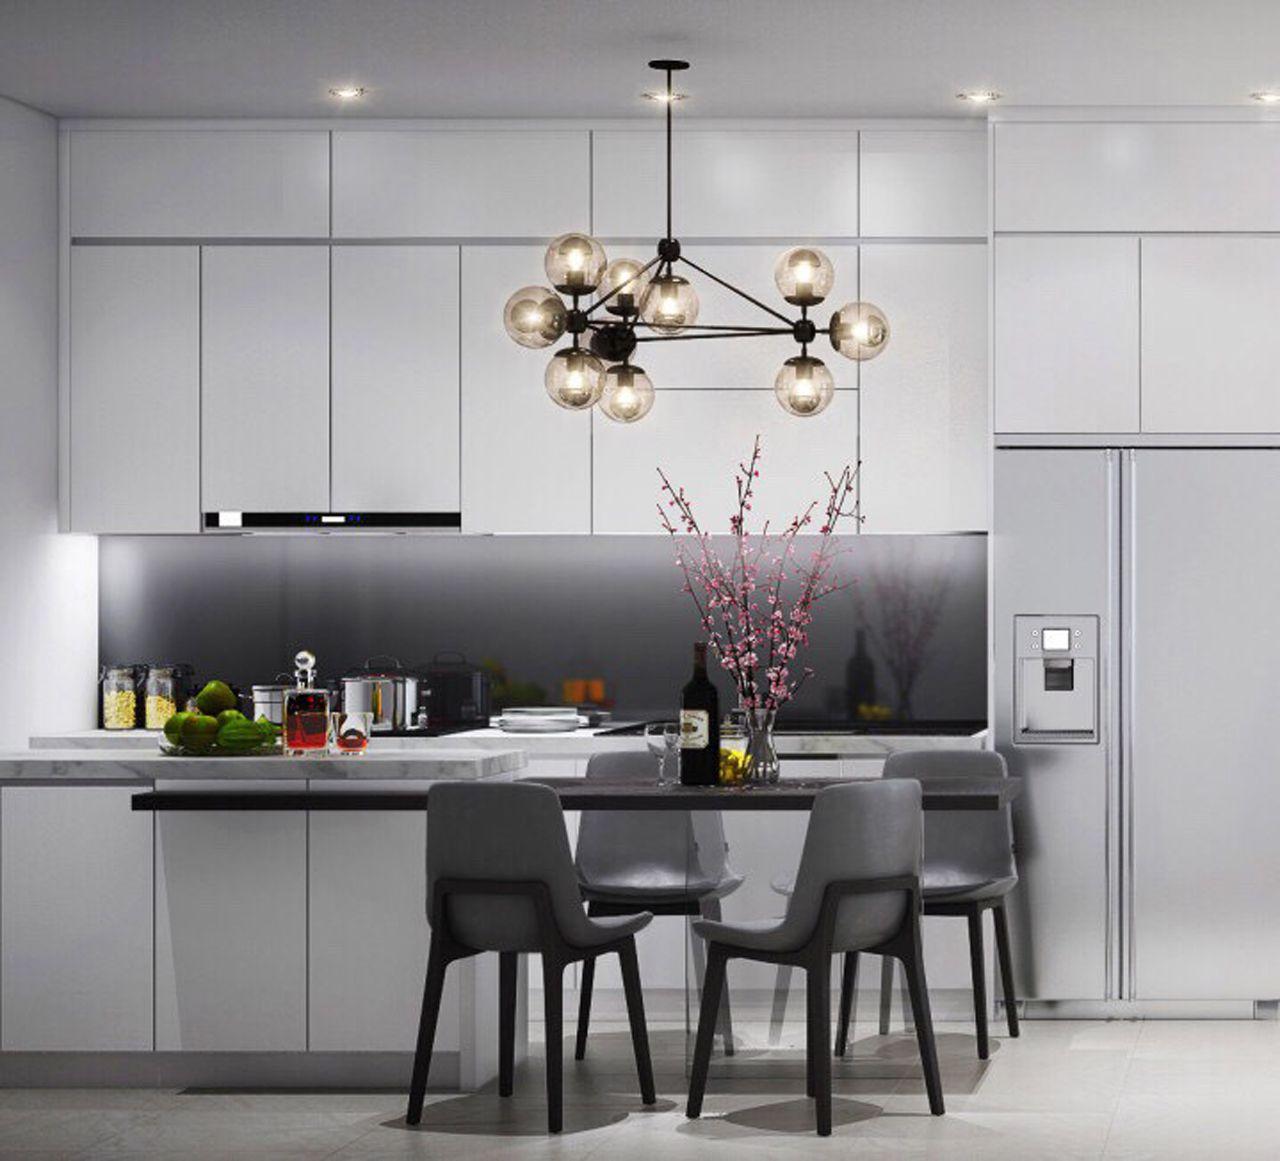 Thiết kế nội thất phong cách hiện đại - phòng bếp 003